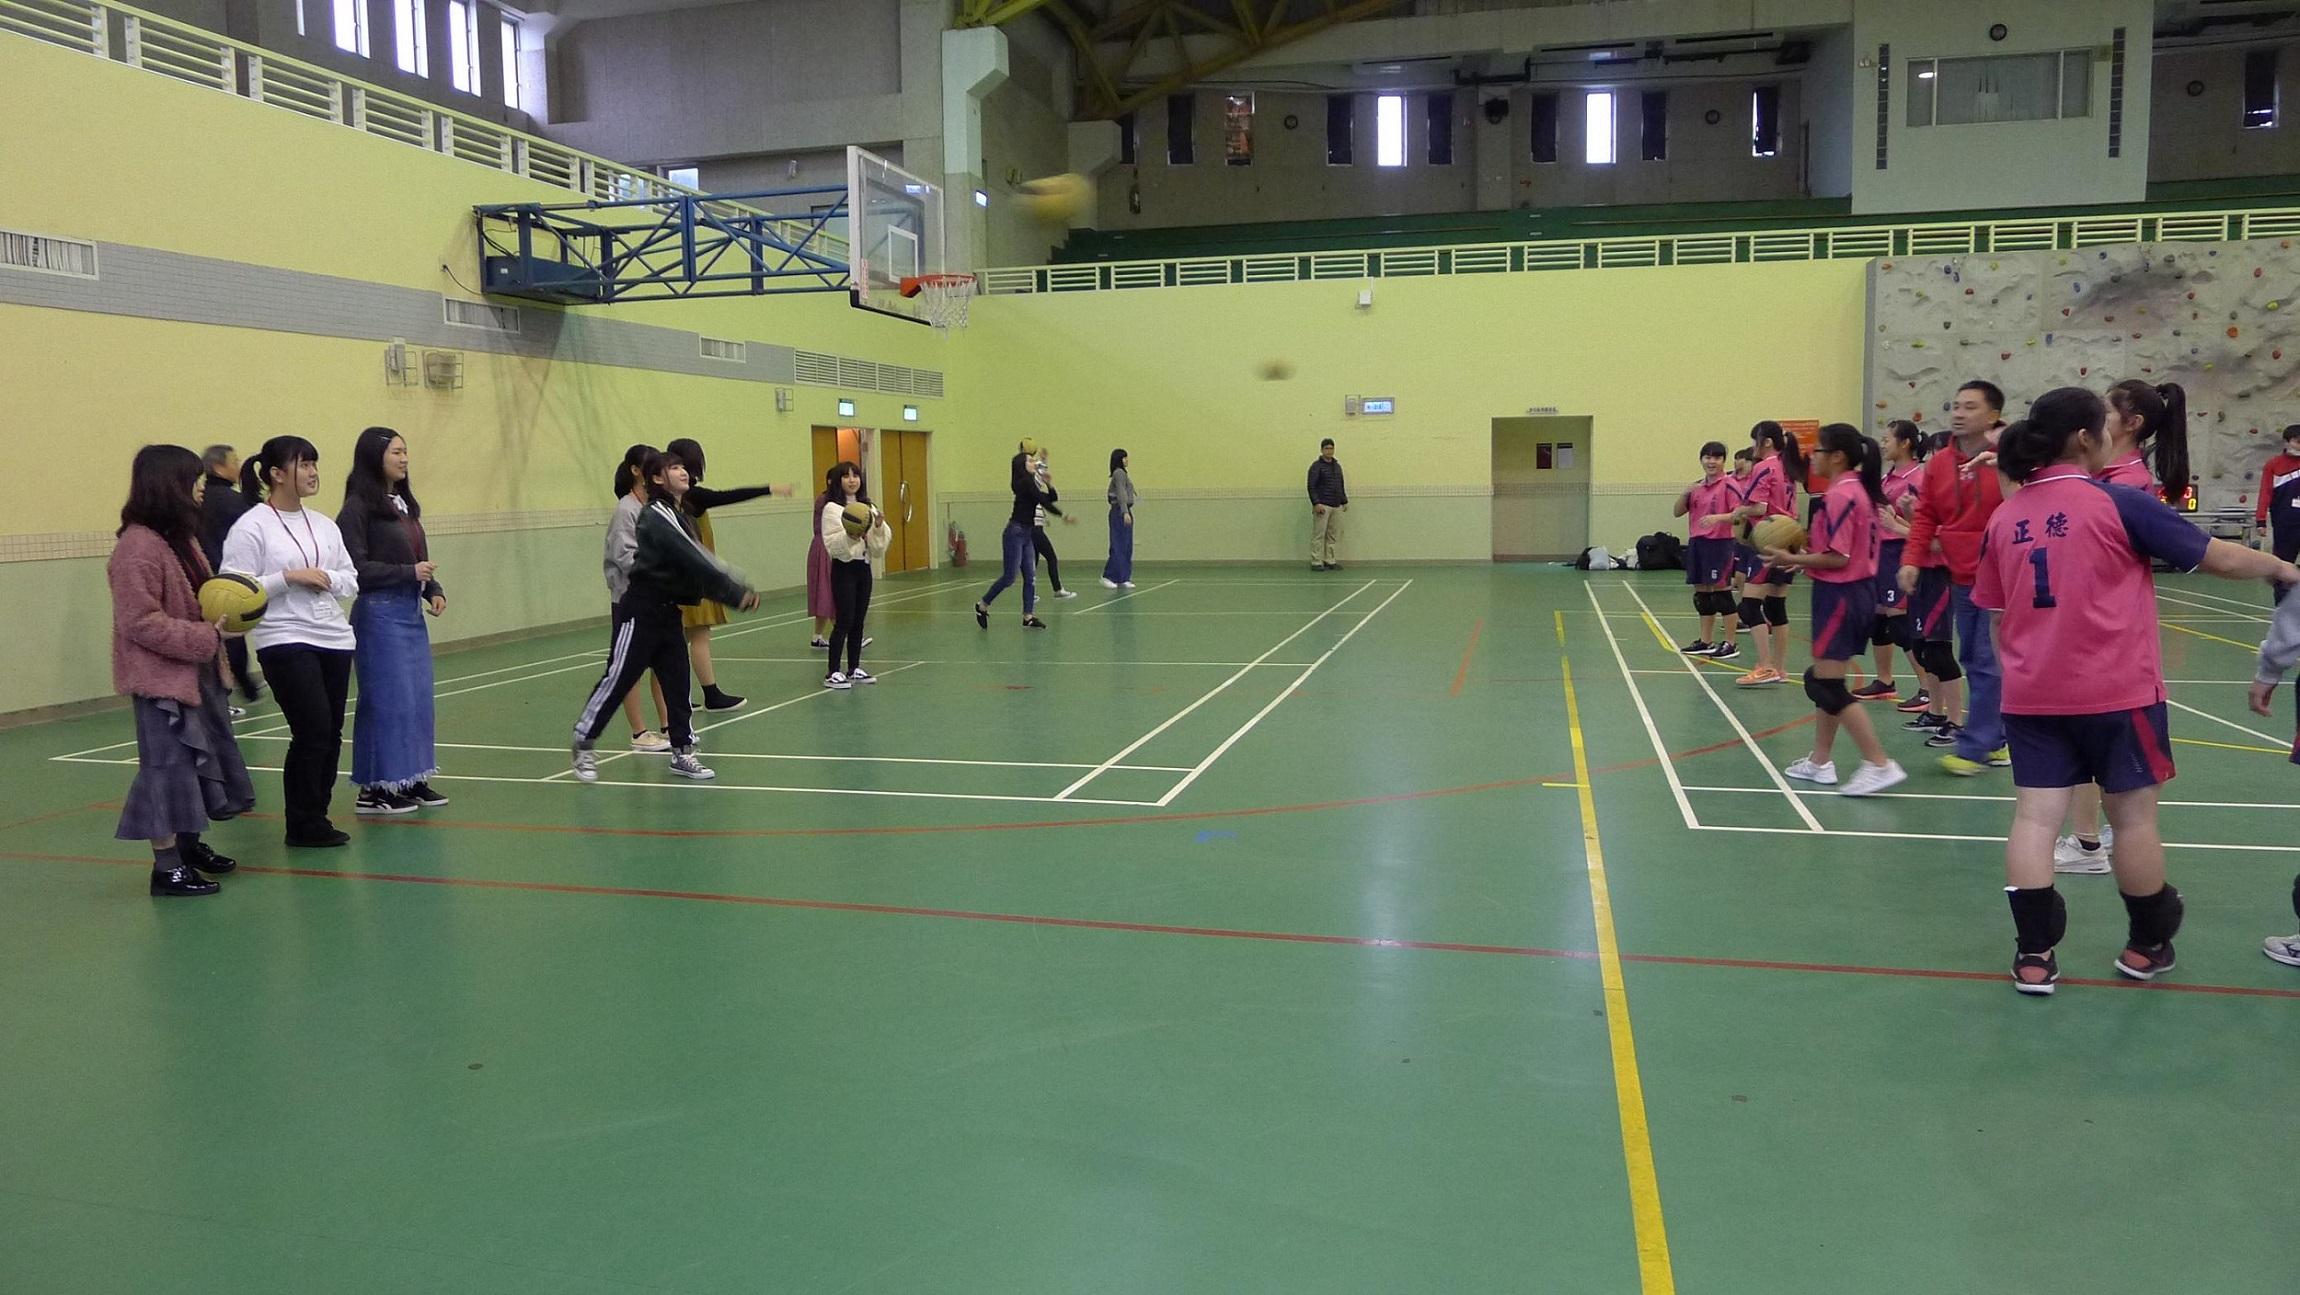 涉谷高校學生與台灣學生進行體育交流,賽前與正德國中學生暖身練球